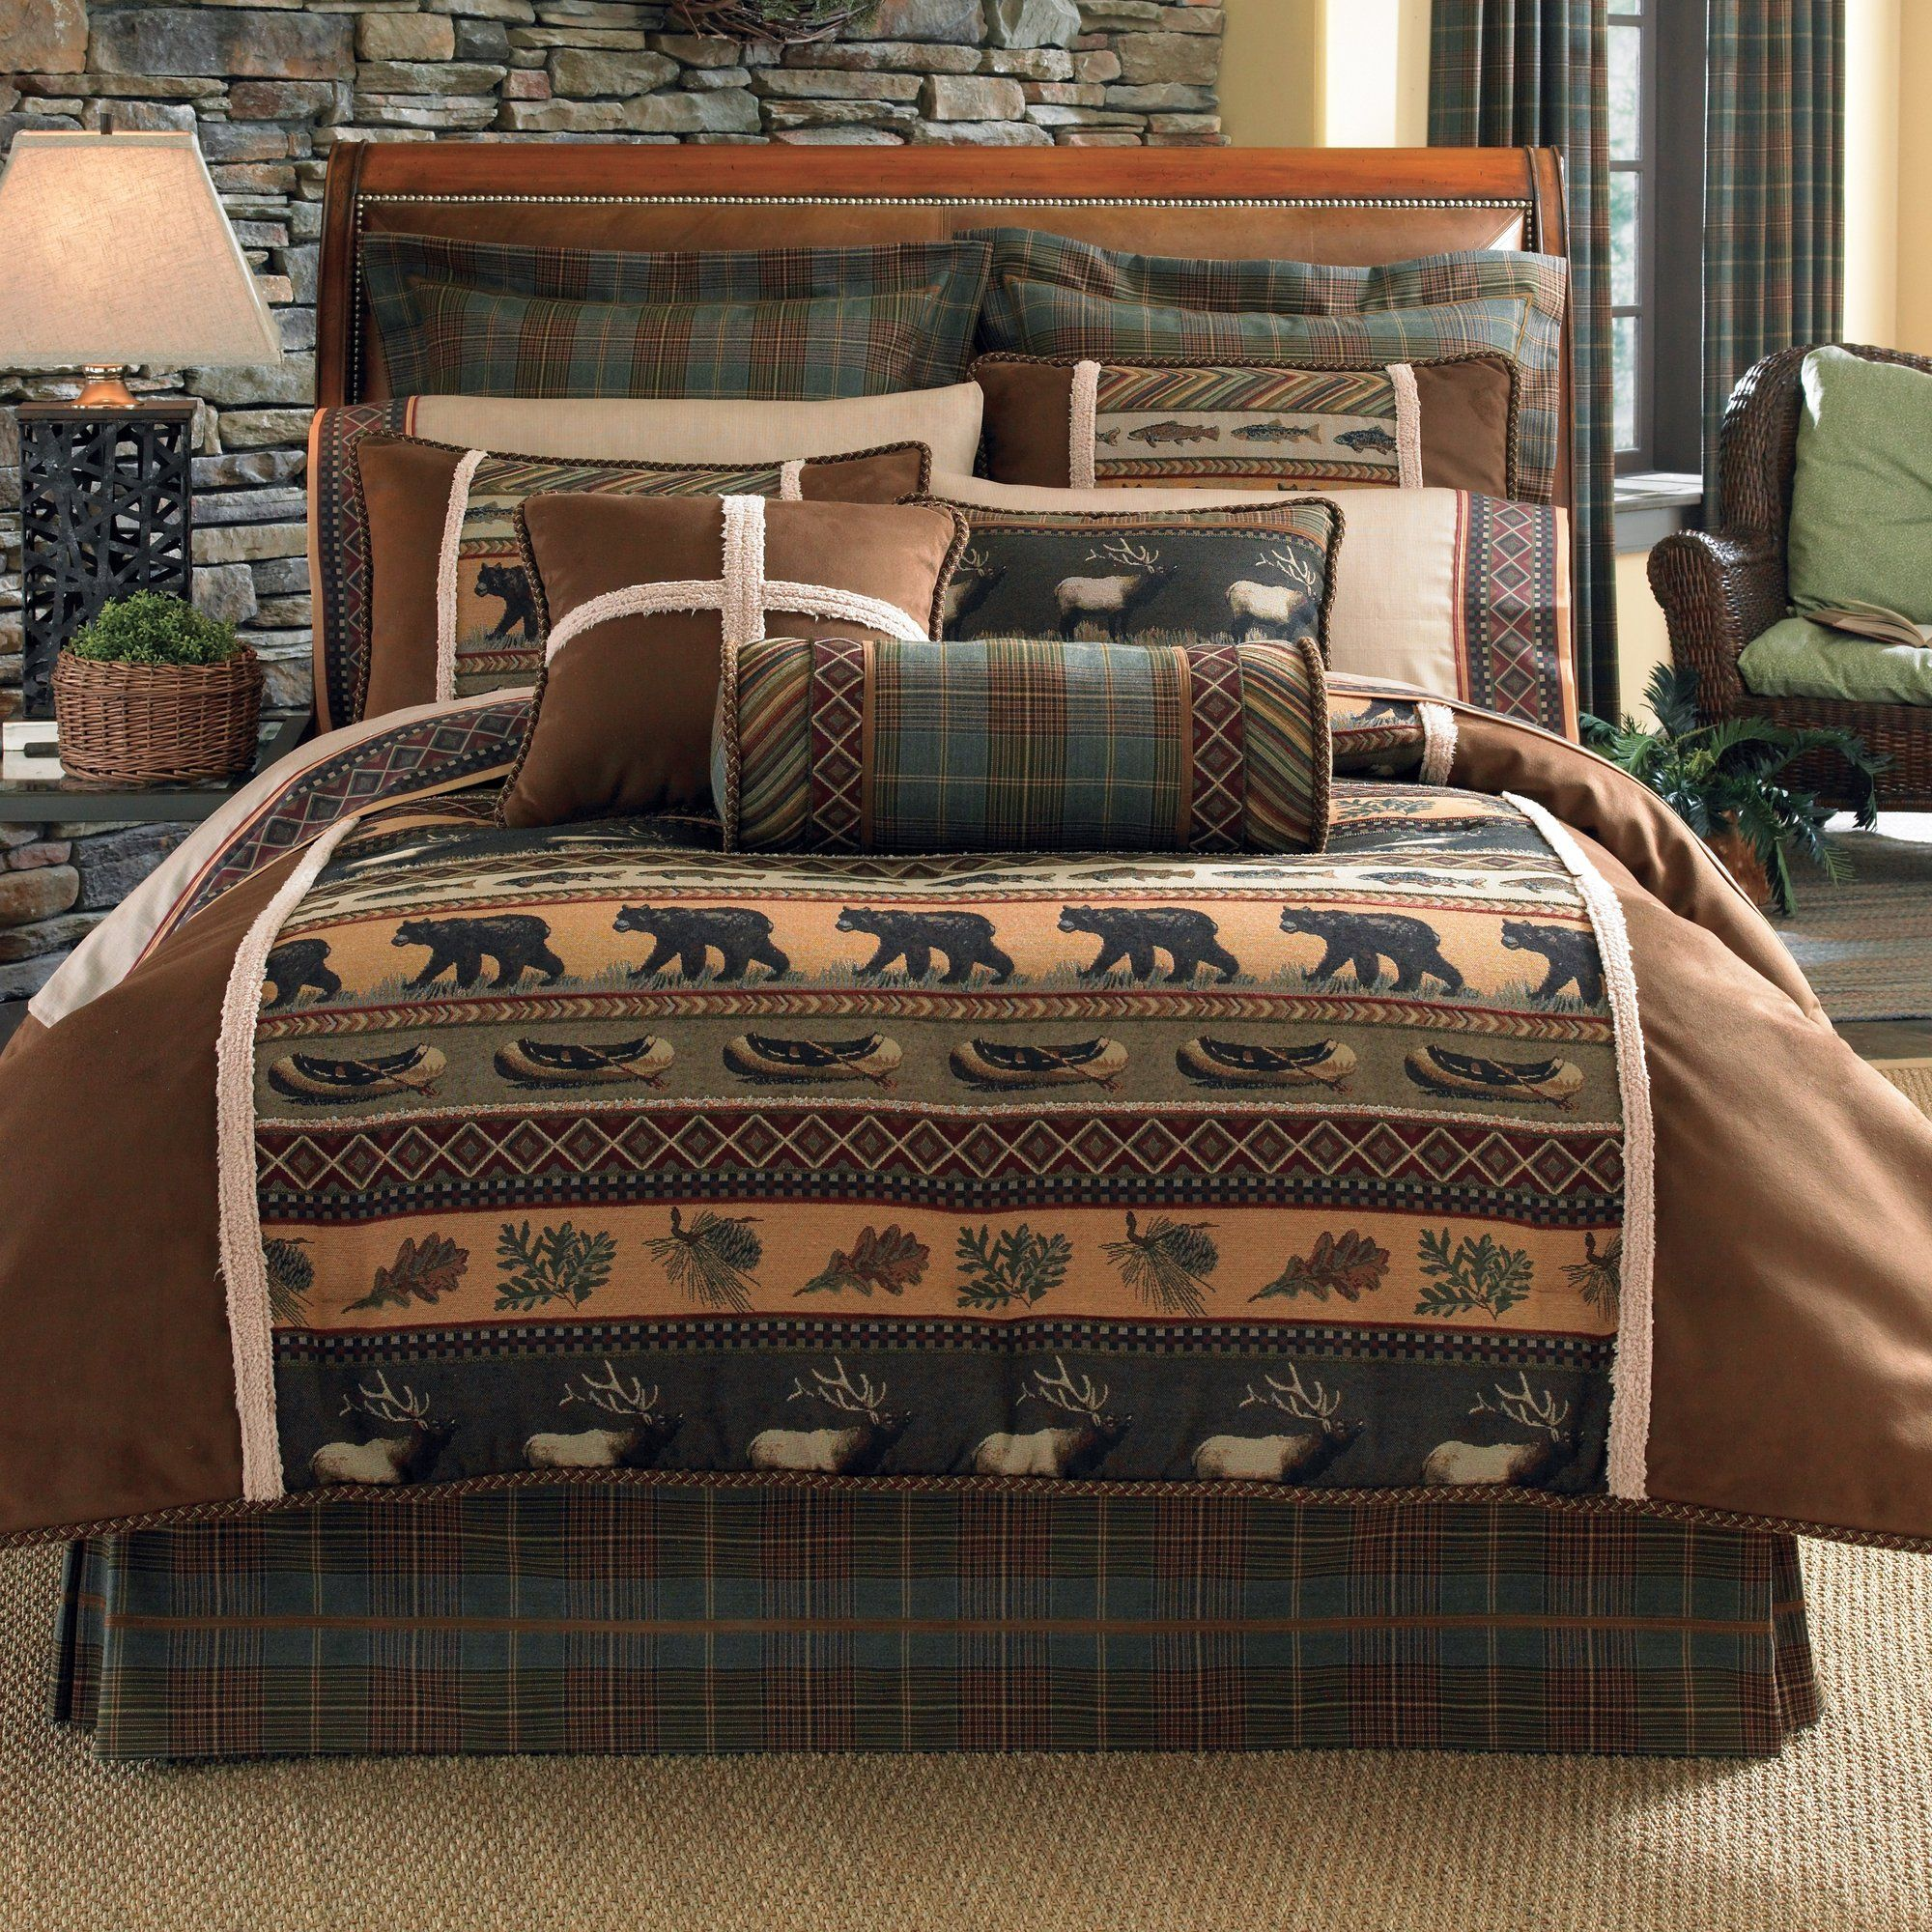 Caribou 4 Piece Comforter Set Comforter sets, Bedding